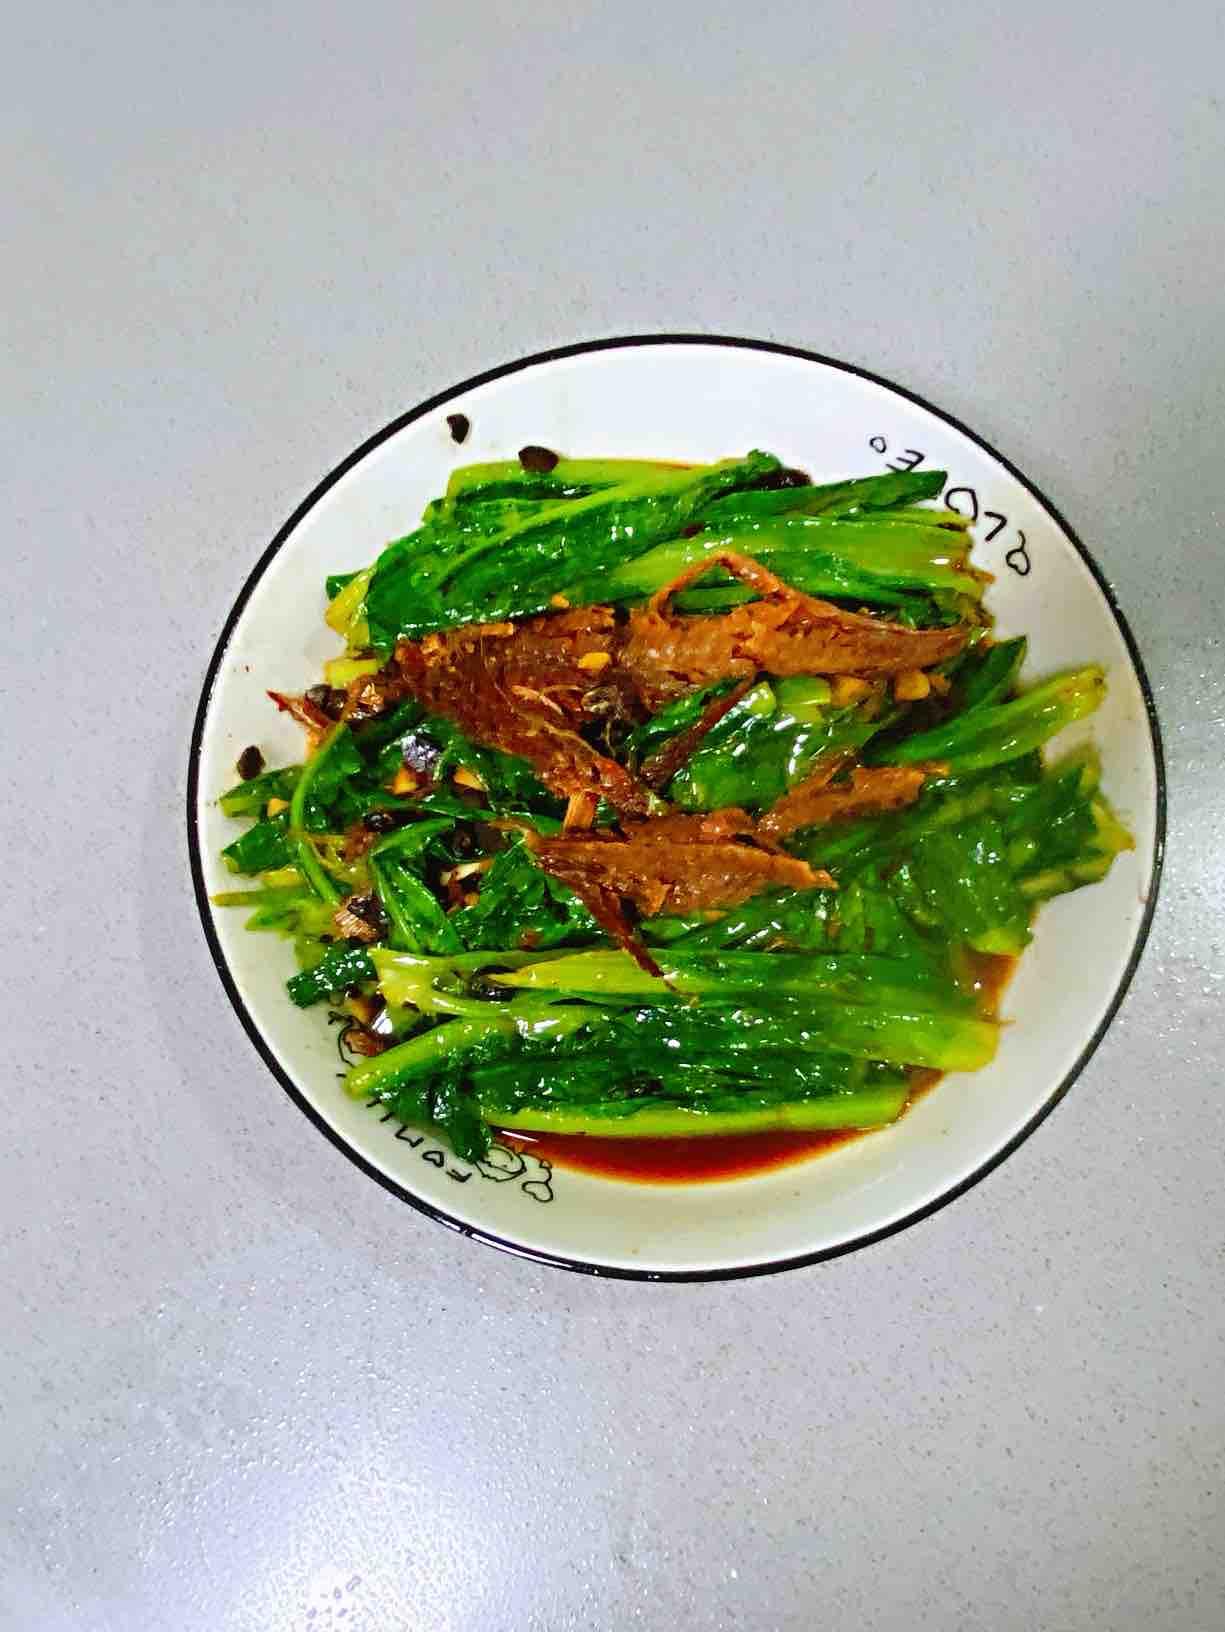 【孕妇食谱】豆豉鲮鱼油麦菜,鲜香扑鼻,美味又下饭~的做法